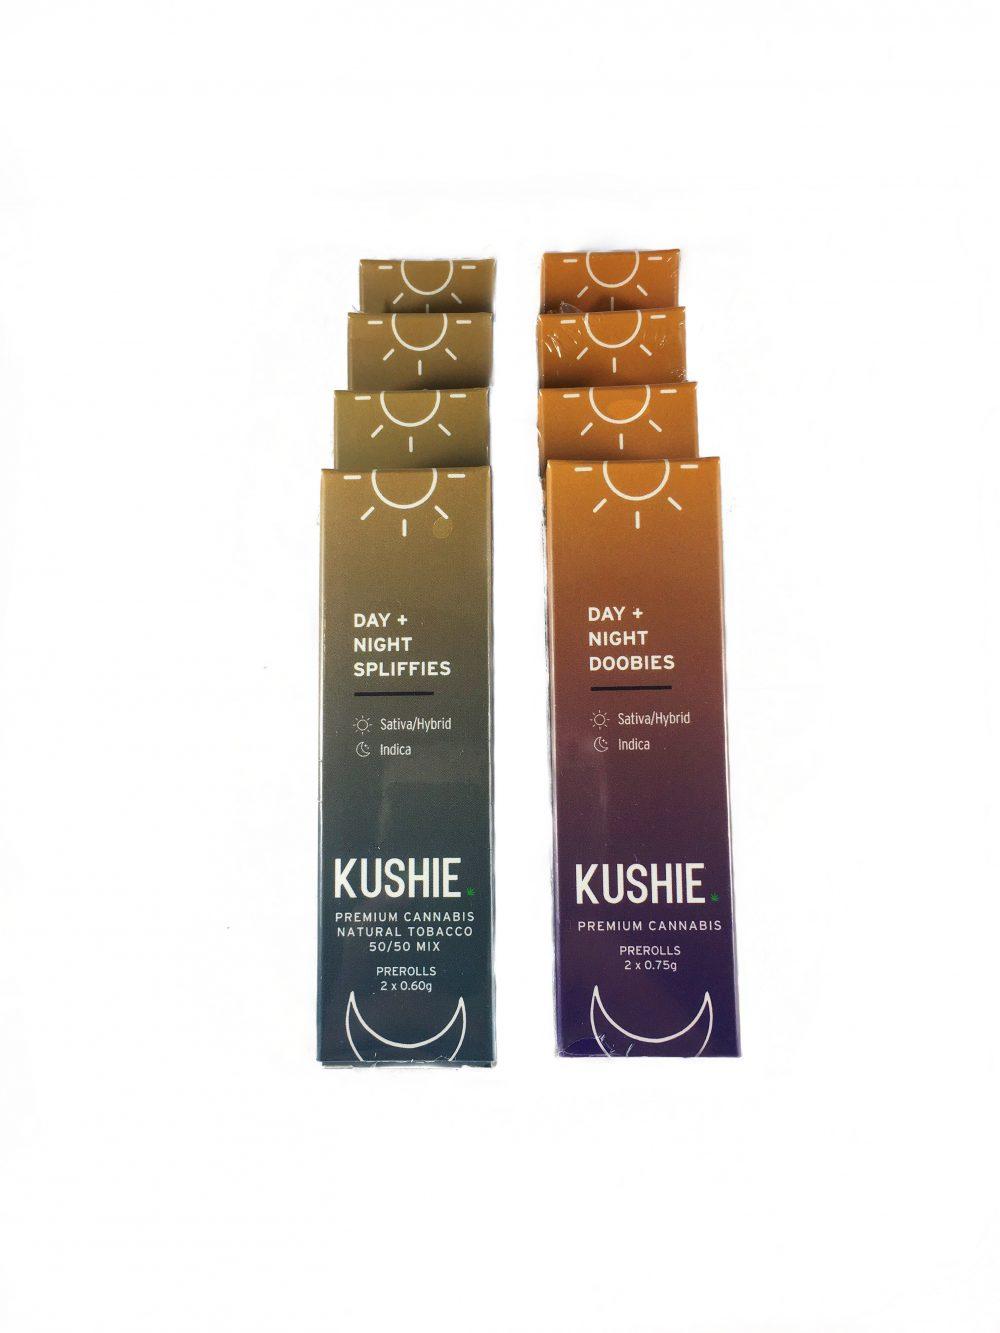 Kushie Brand - 0425